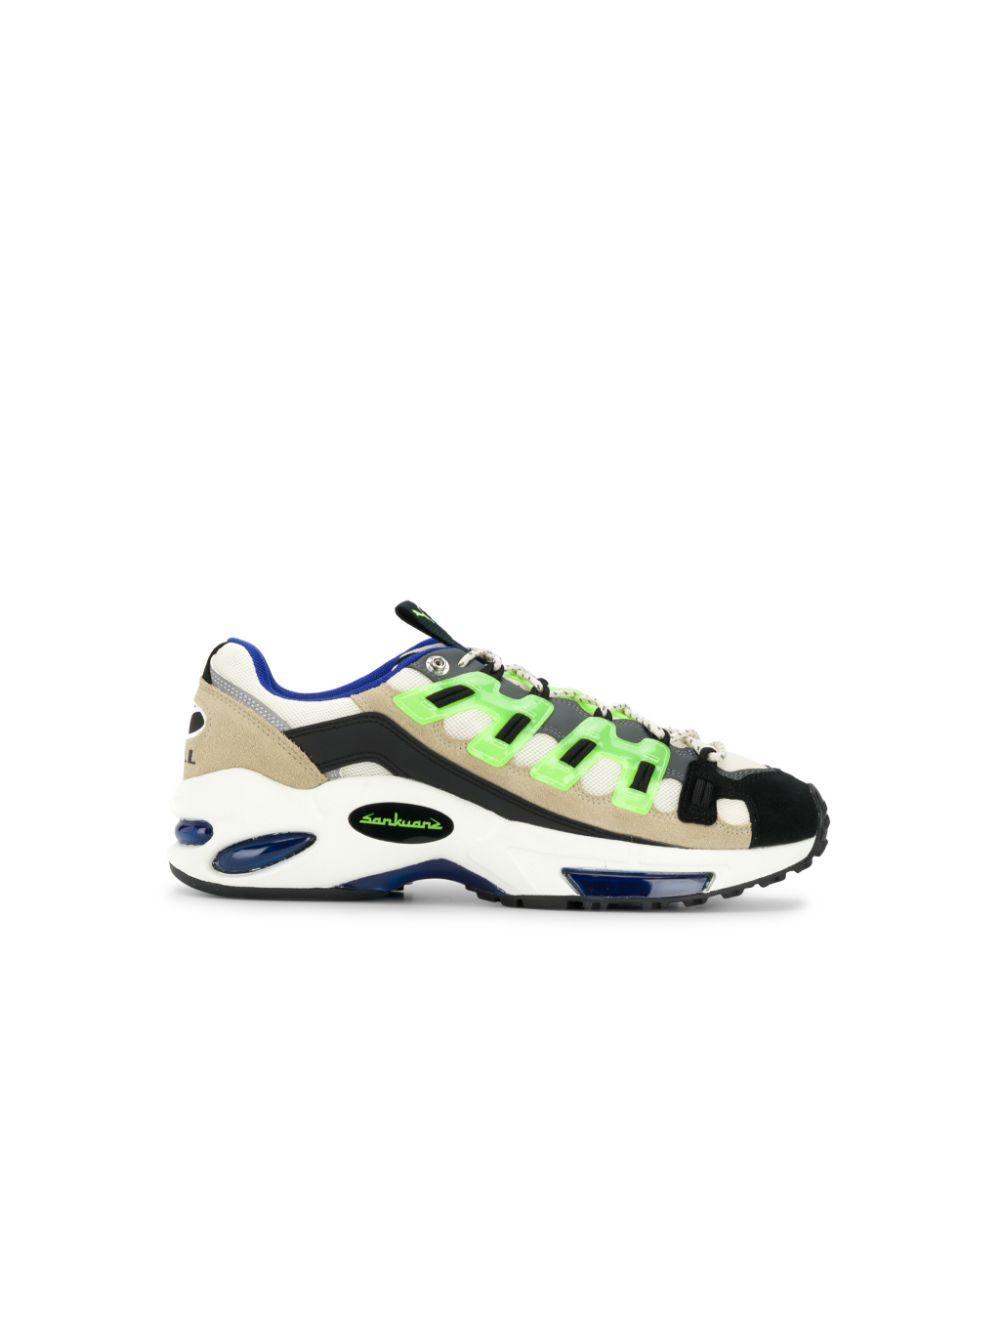 4733e5d86e PUMA CELL ENDURA SNEAKERS. #puma #shoes | Puma | Sneakers, Pumas ...